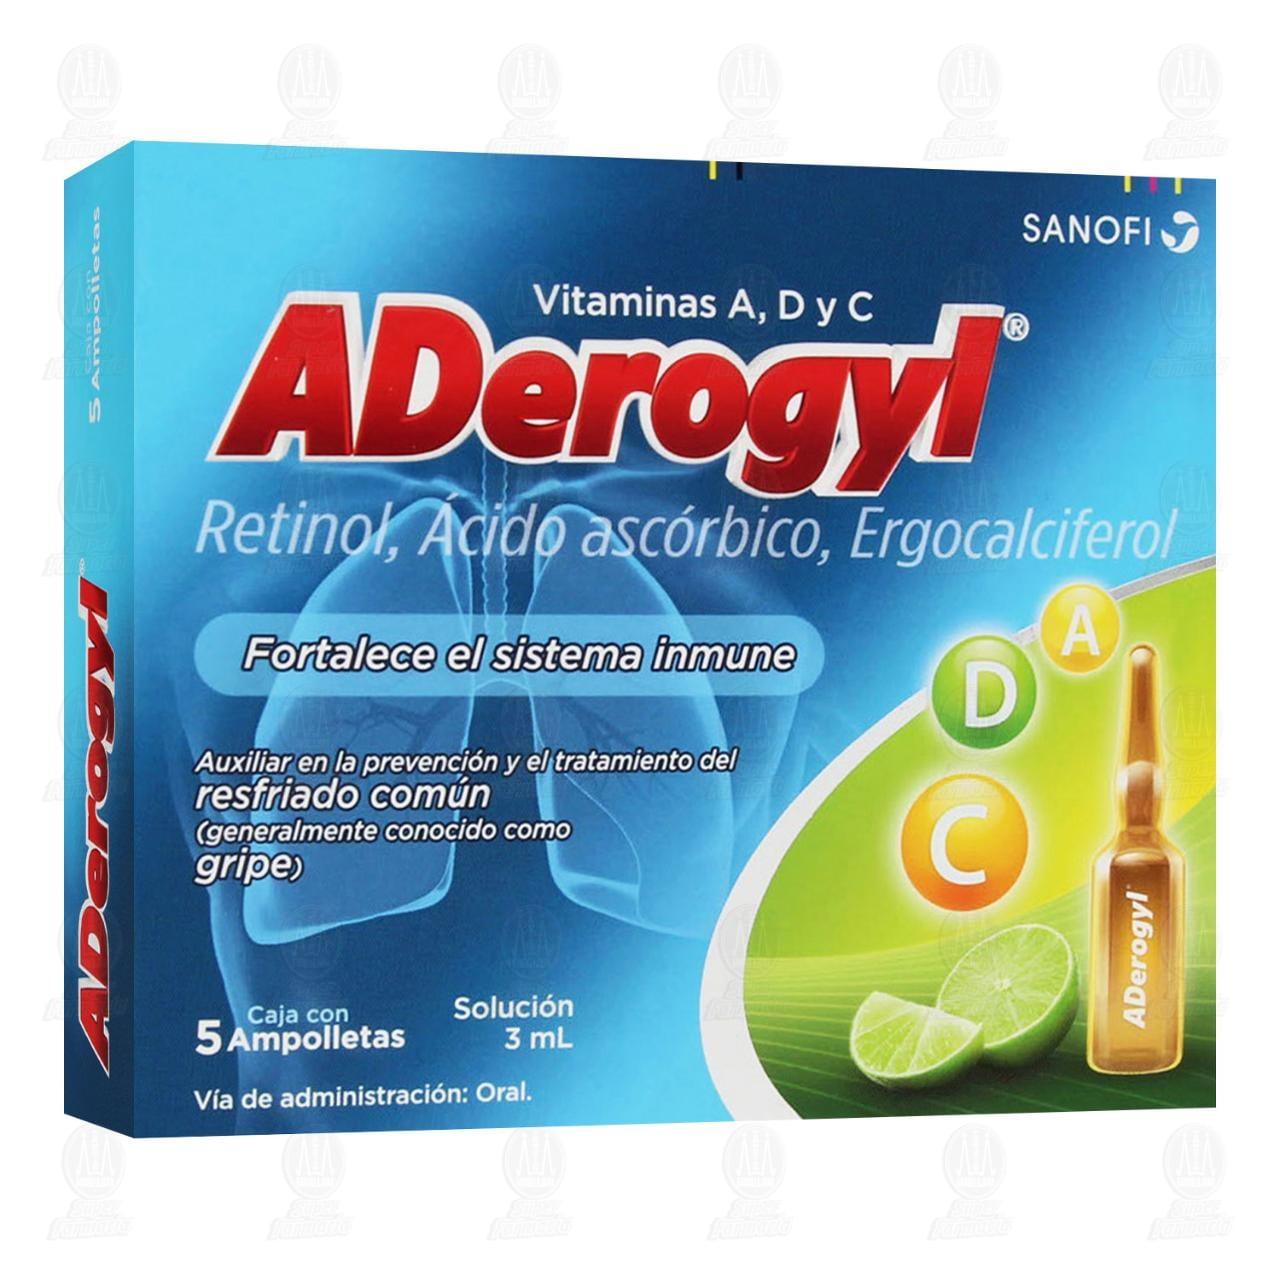 Comprar Aderogyl 5 Ampolletas 3ml en Farmacias Guadalajara